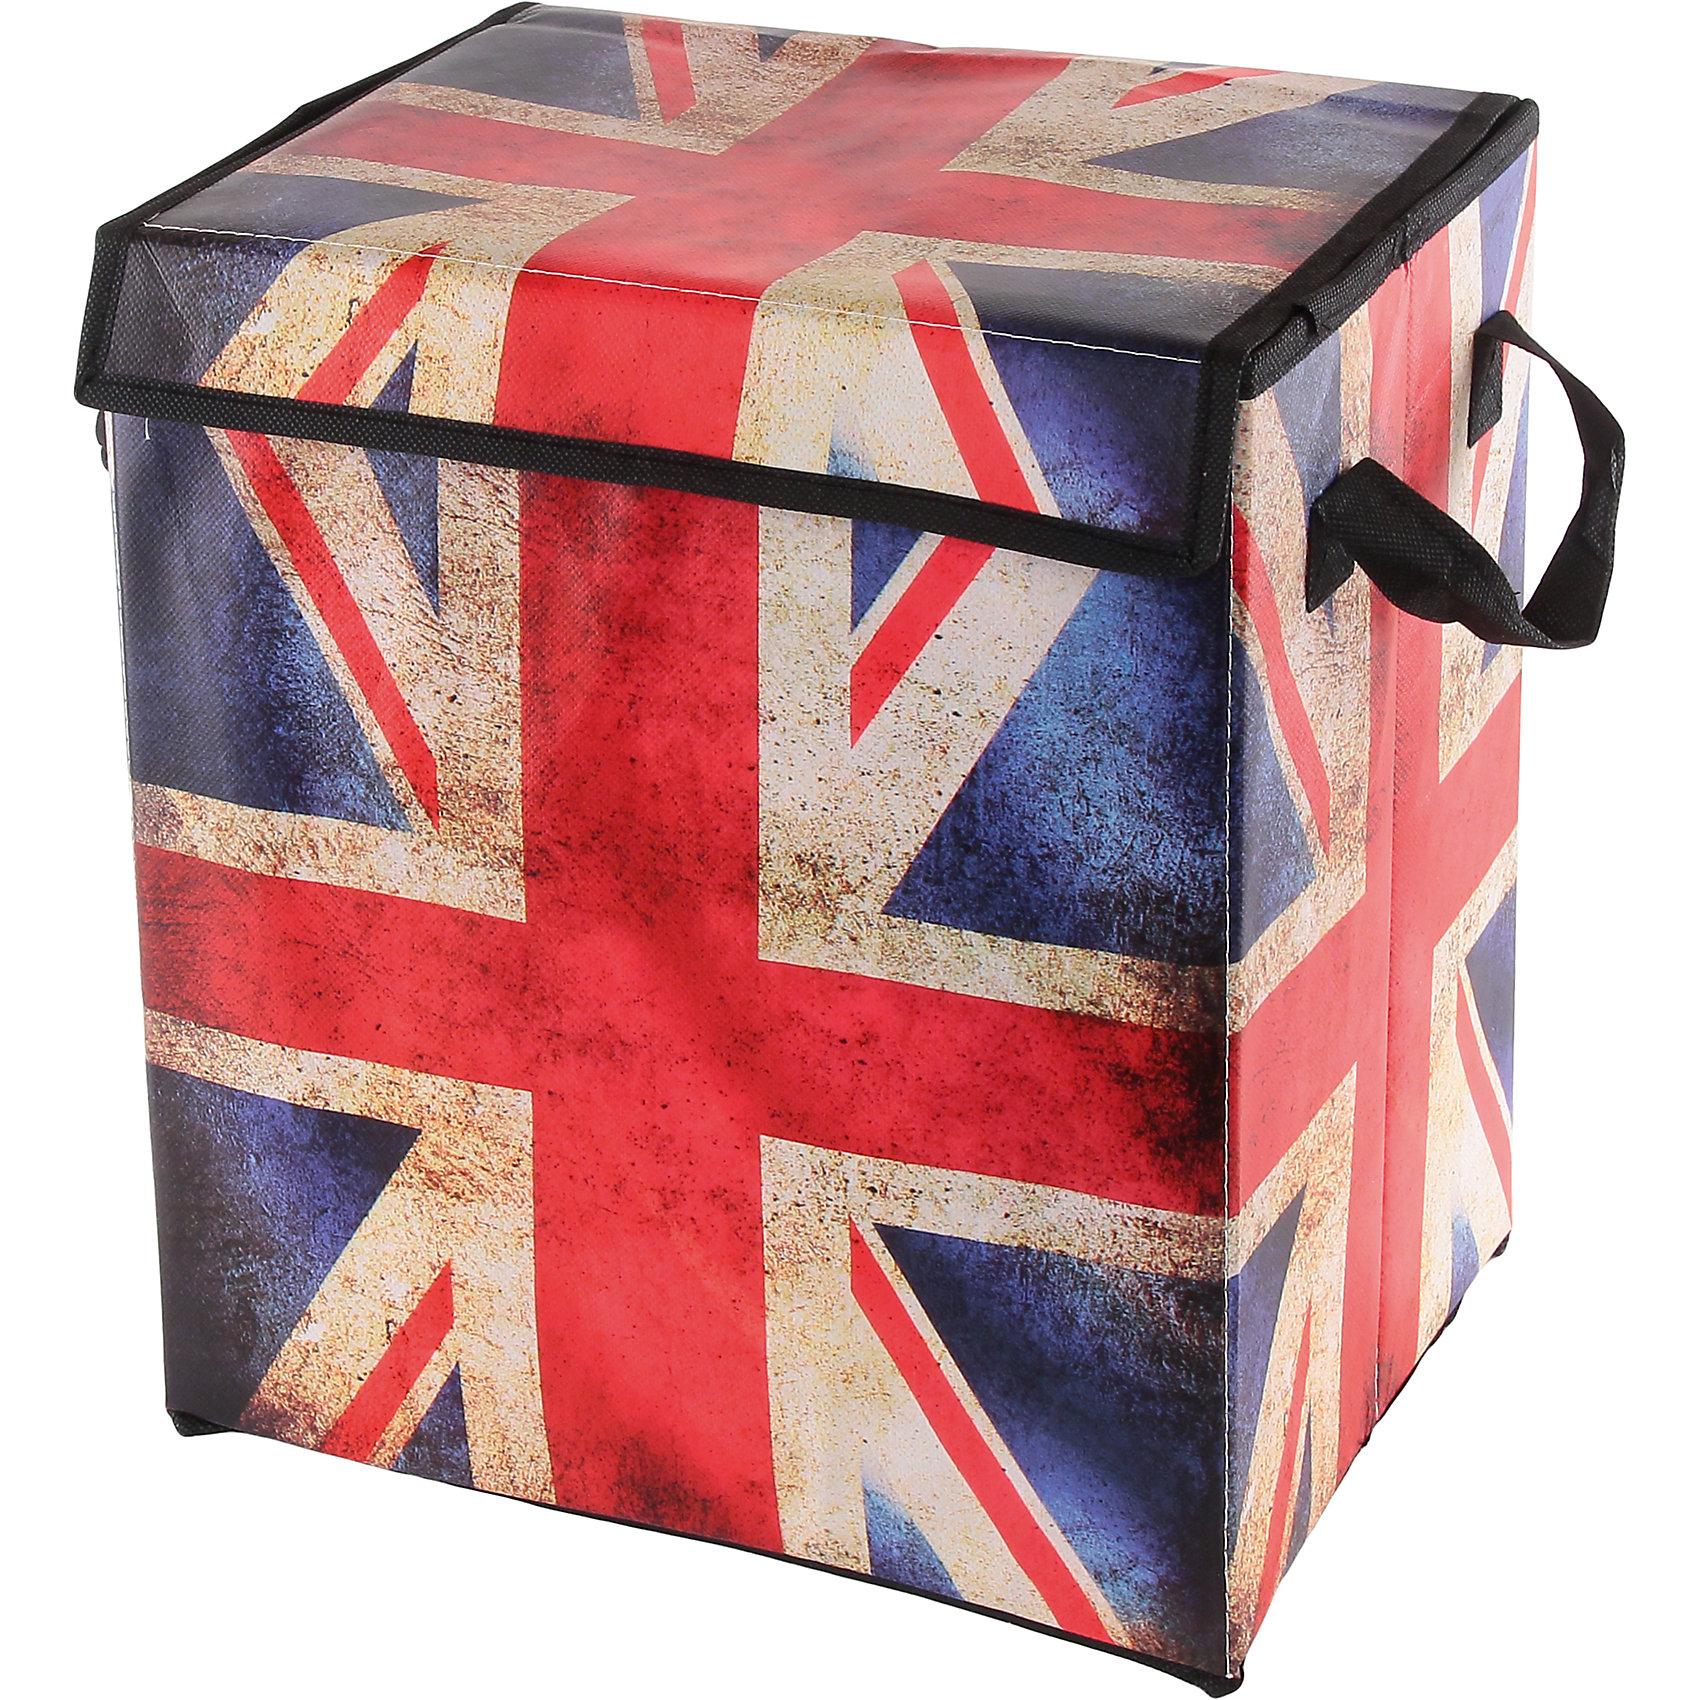 Кофр складной для хранения 30*22*32 см. Британский флаг, EL CasaПорядок в детской<br>Характеристики товара:<br><br>• цвет: мульти<br>• материал: текстиль, искусственная кожа<br>• размер: 30х22х32 см<br>• вес: 300 г<br>• застежка: липучка<br>• декорирован принтом<br>• складывается и раскладывается одним движением<br>• удобный<br>• с двумя ручками<br>• универсальный размер<br>• страна бренда: Российская Федерация<br>• страна производства: Китай<br><br>Такой кофр - отличный пример красивой и функциональной вещи для любого интерьера. В нем удобной хранить различные мелочи, благодаря универсальному дизайну и расцветке он хорошо будет смотреться в помещении.<br><br>Кофр с жёстким каркасом для хранения может стать отличным приобретением для дома или подарком для любителей красивых оригинальных вещей.<br><br>Бренд EL Casa - это красивые и практичные товары для дома с современным дизайном. Они добавляют в жильё уюта и комфорта! <br><br>Кофр складной для хранения 30*22*32 см. Британский флаг, EL Casa можно купить в нашем интернет-магазине.<br><br>Ширина мм: 300<br>Глубина мм: 220<br>Высота мм: 20<br>Вес г: 300<br>Возраст от месяцев: 0<br>Возраст до месяцев: 1188<br>Пол: Унисекс<br>Возраст: Детский<br>SKU: 6668664